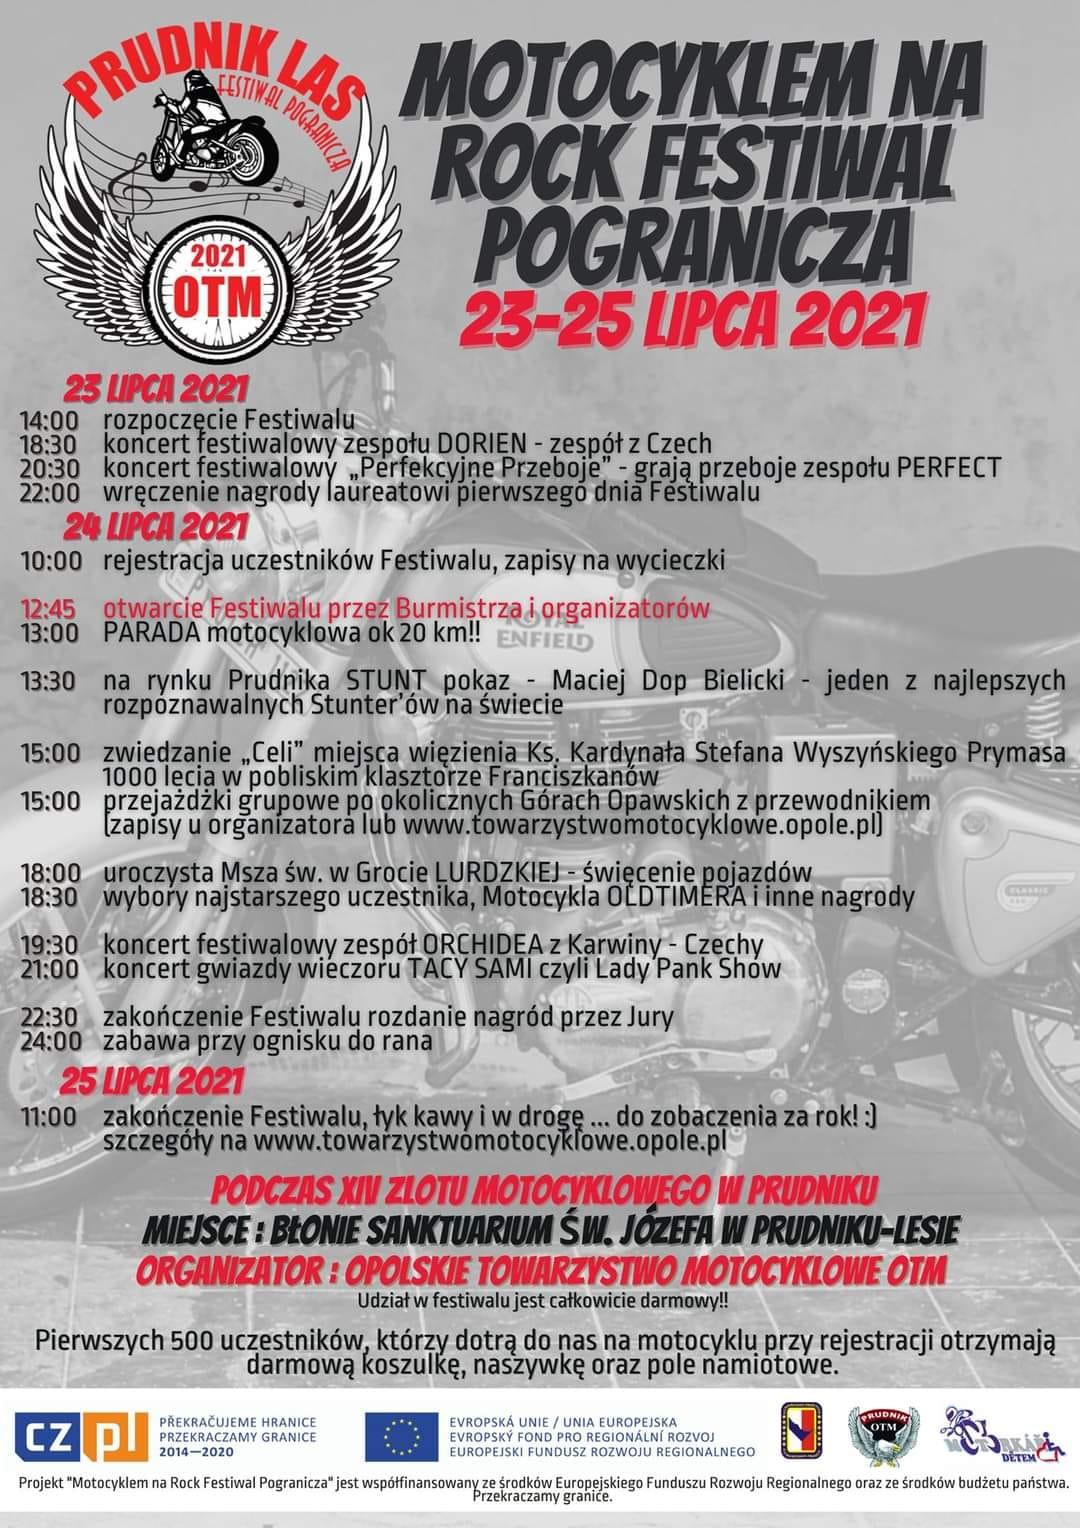 Motocykliści z całej Polski przyjadą do Prudnika